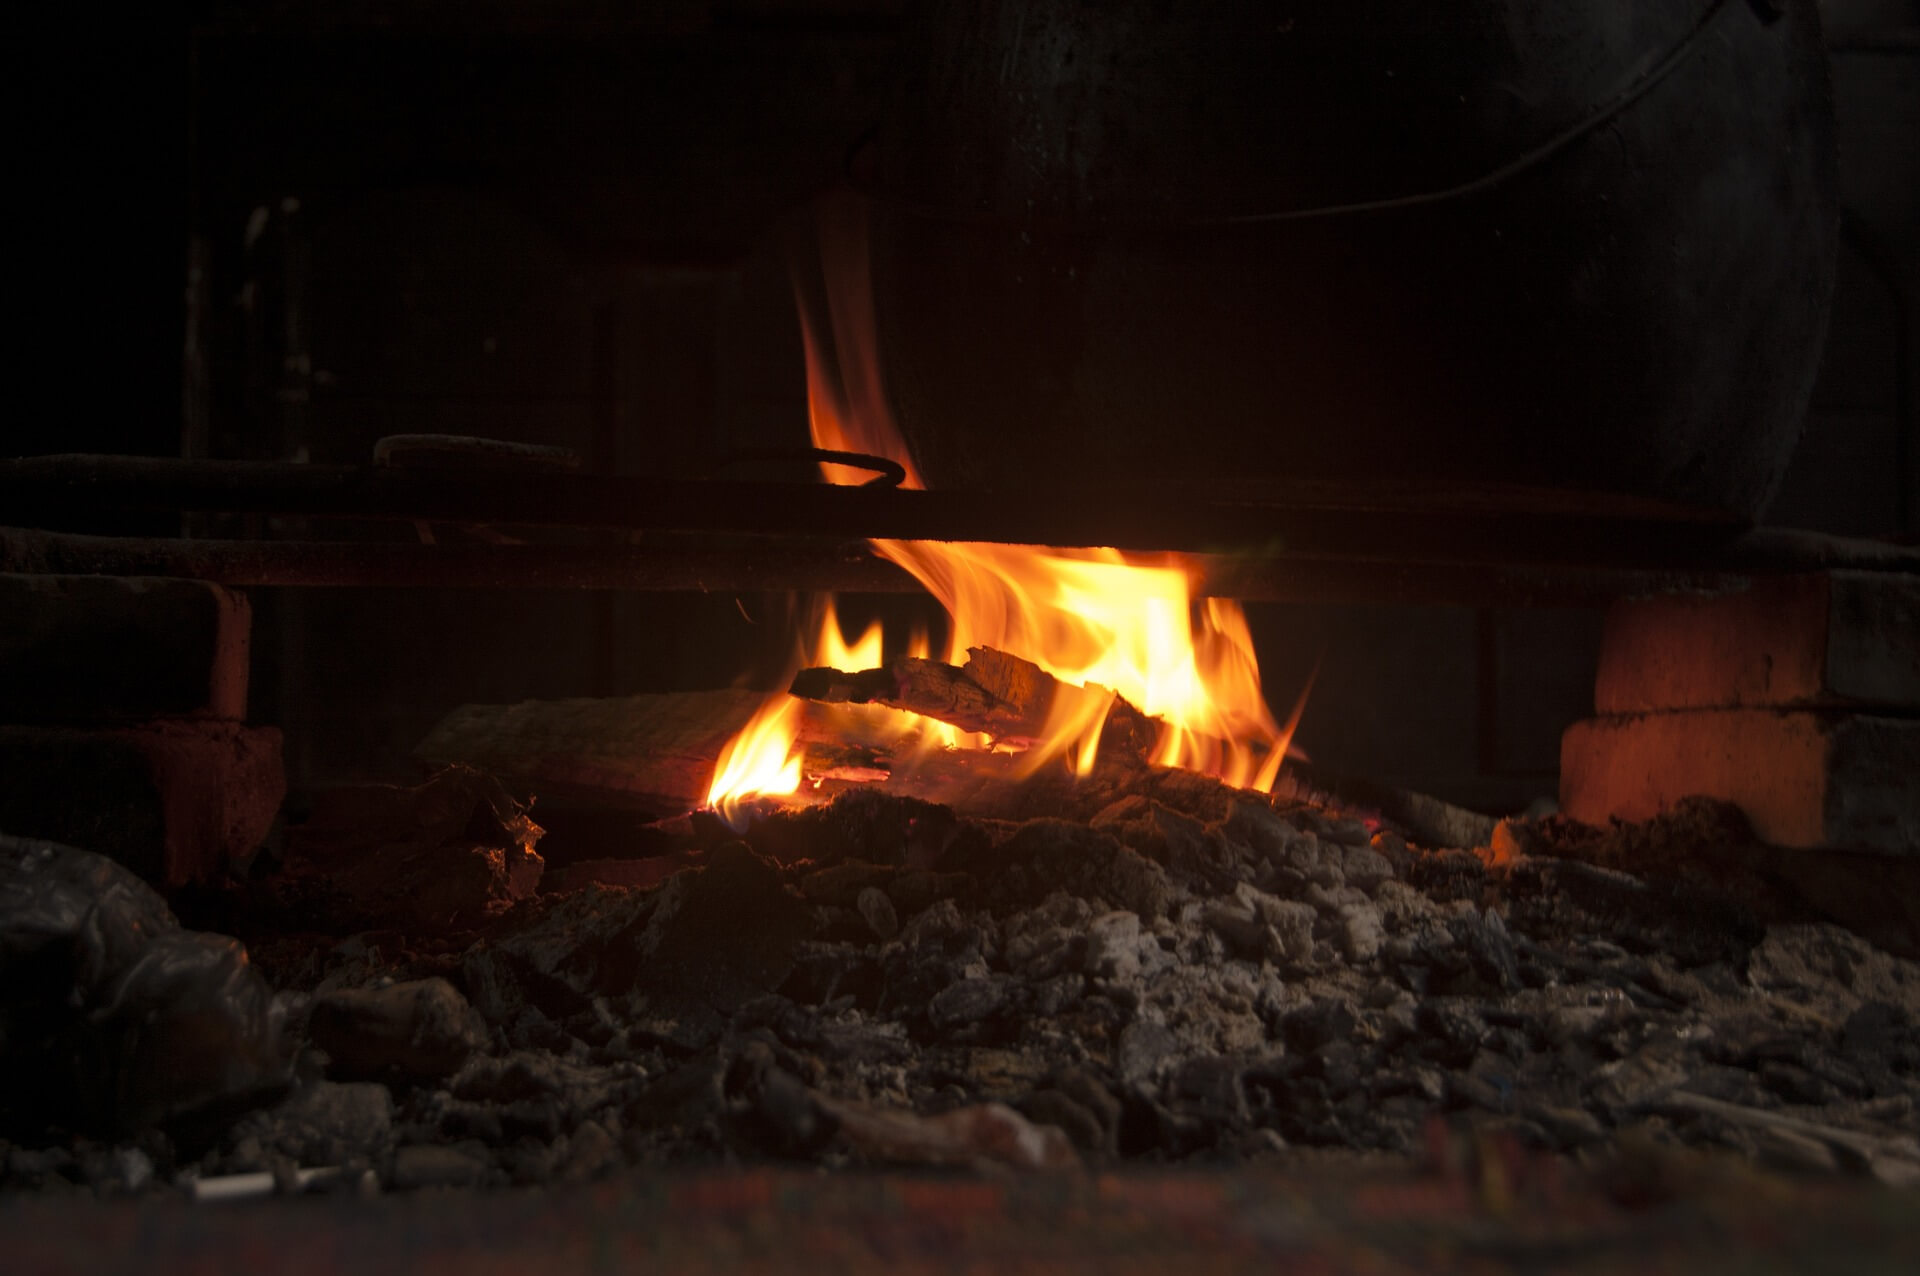 fire-1367165_1920